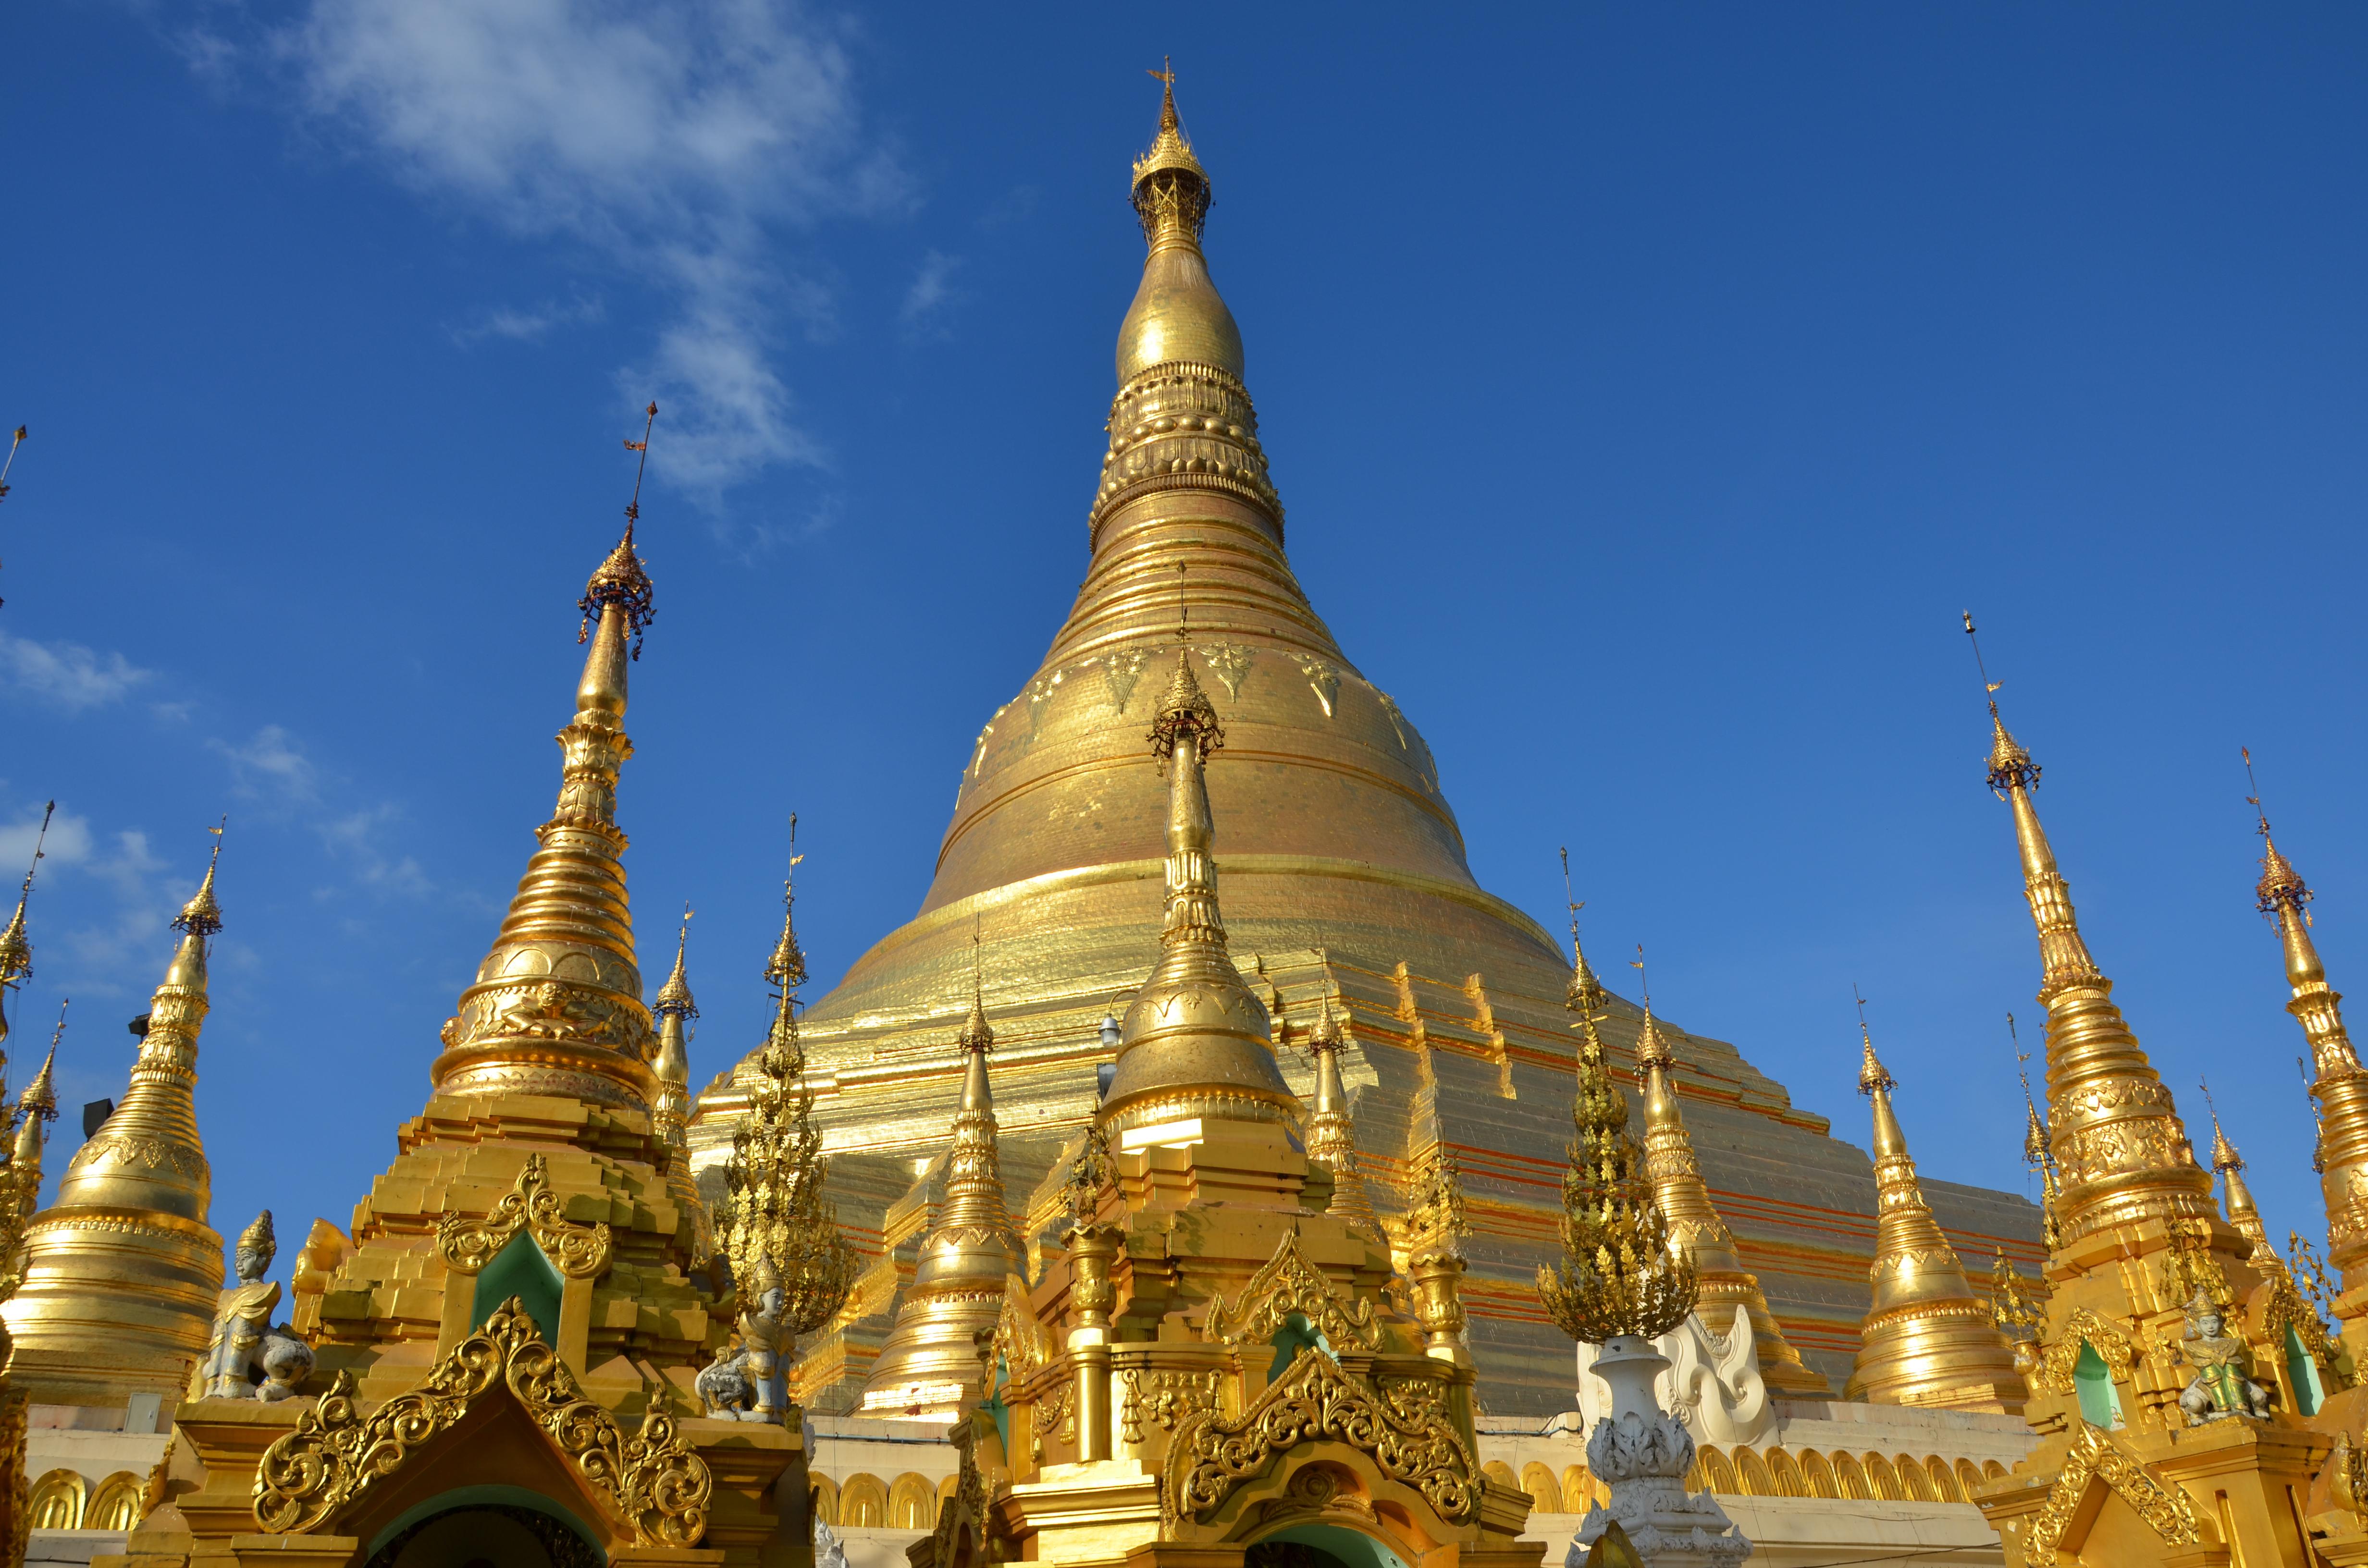 16 - Shwedagon